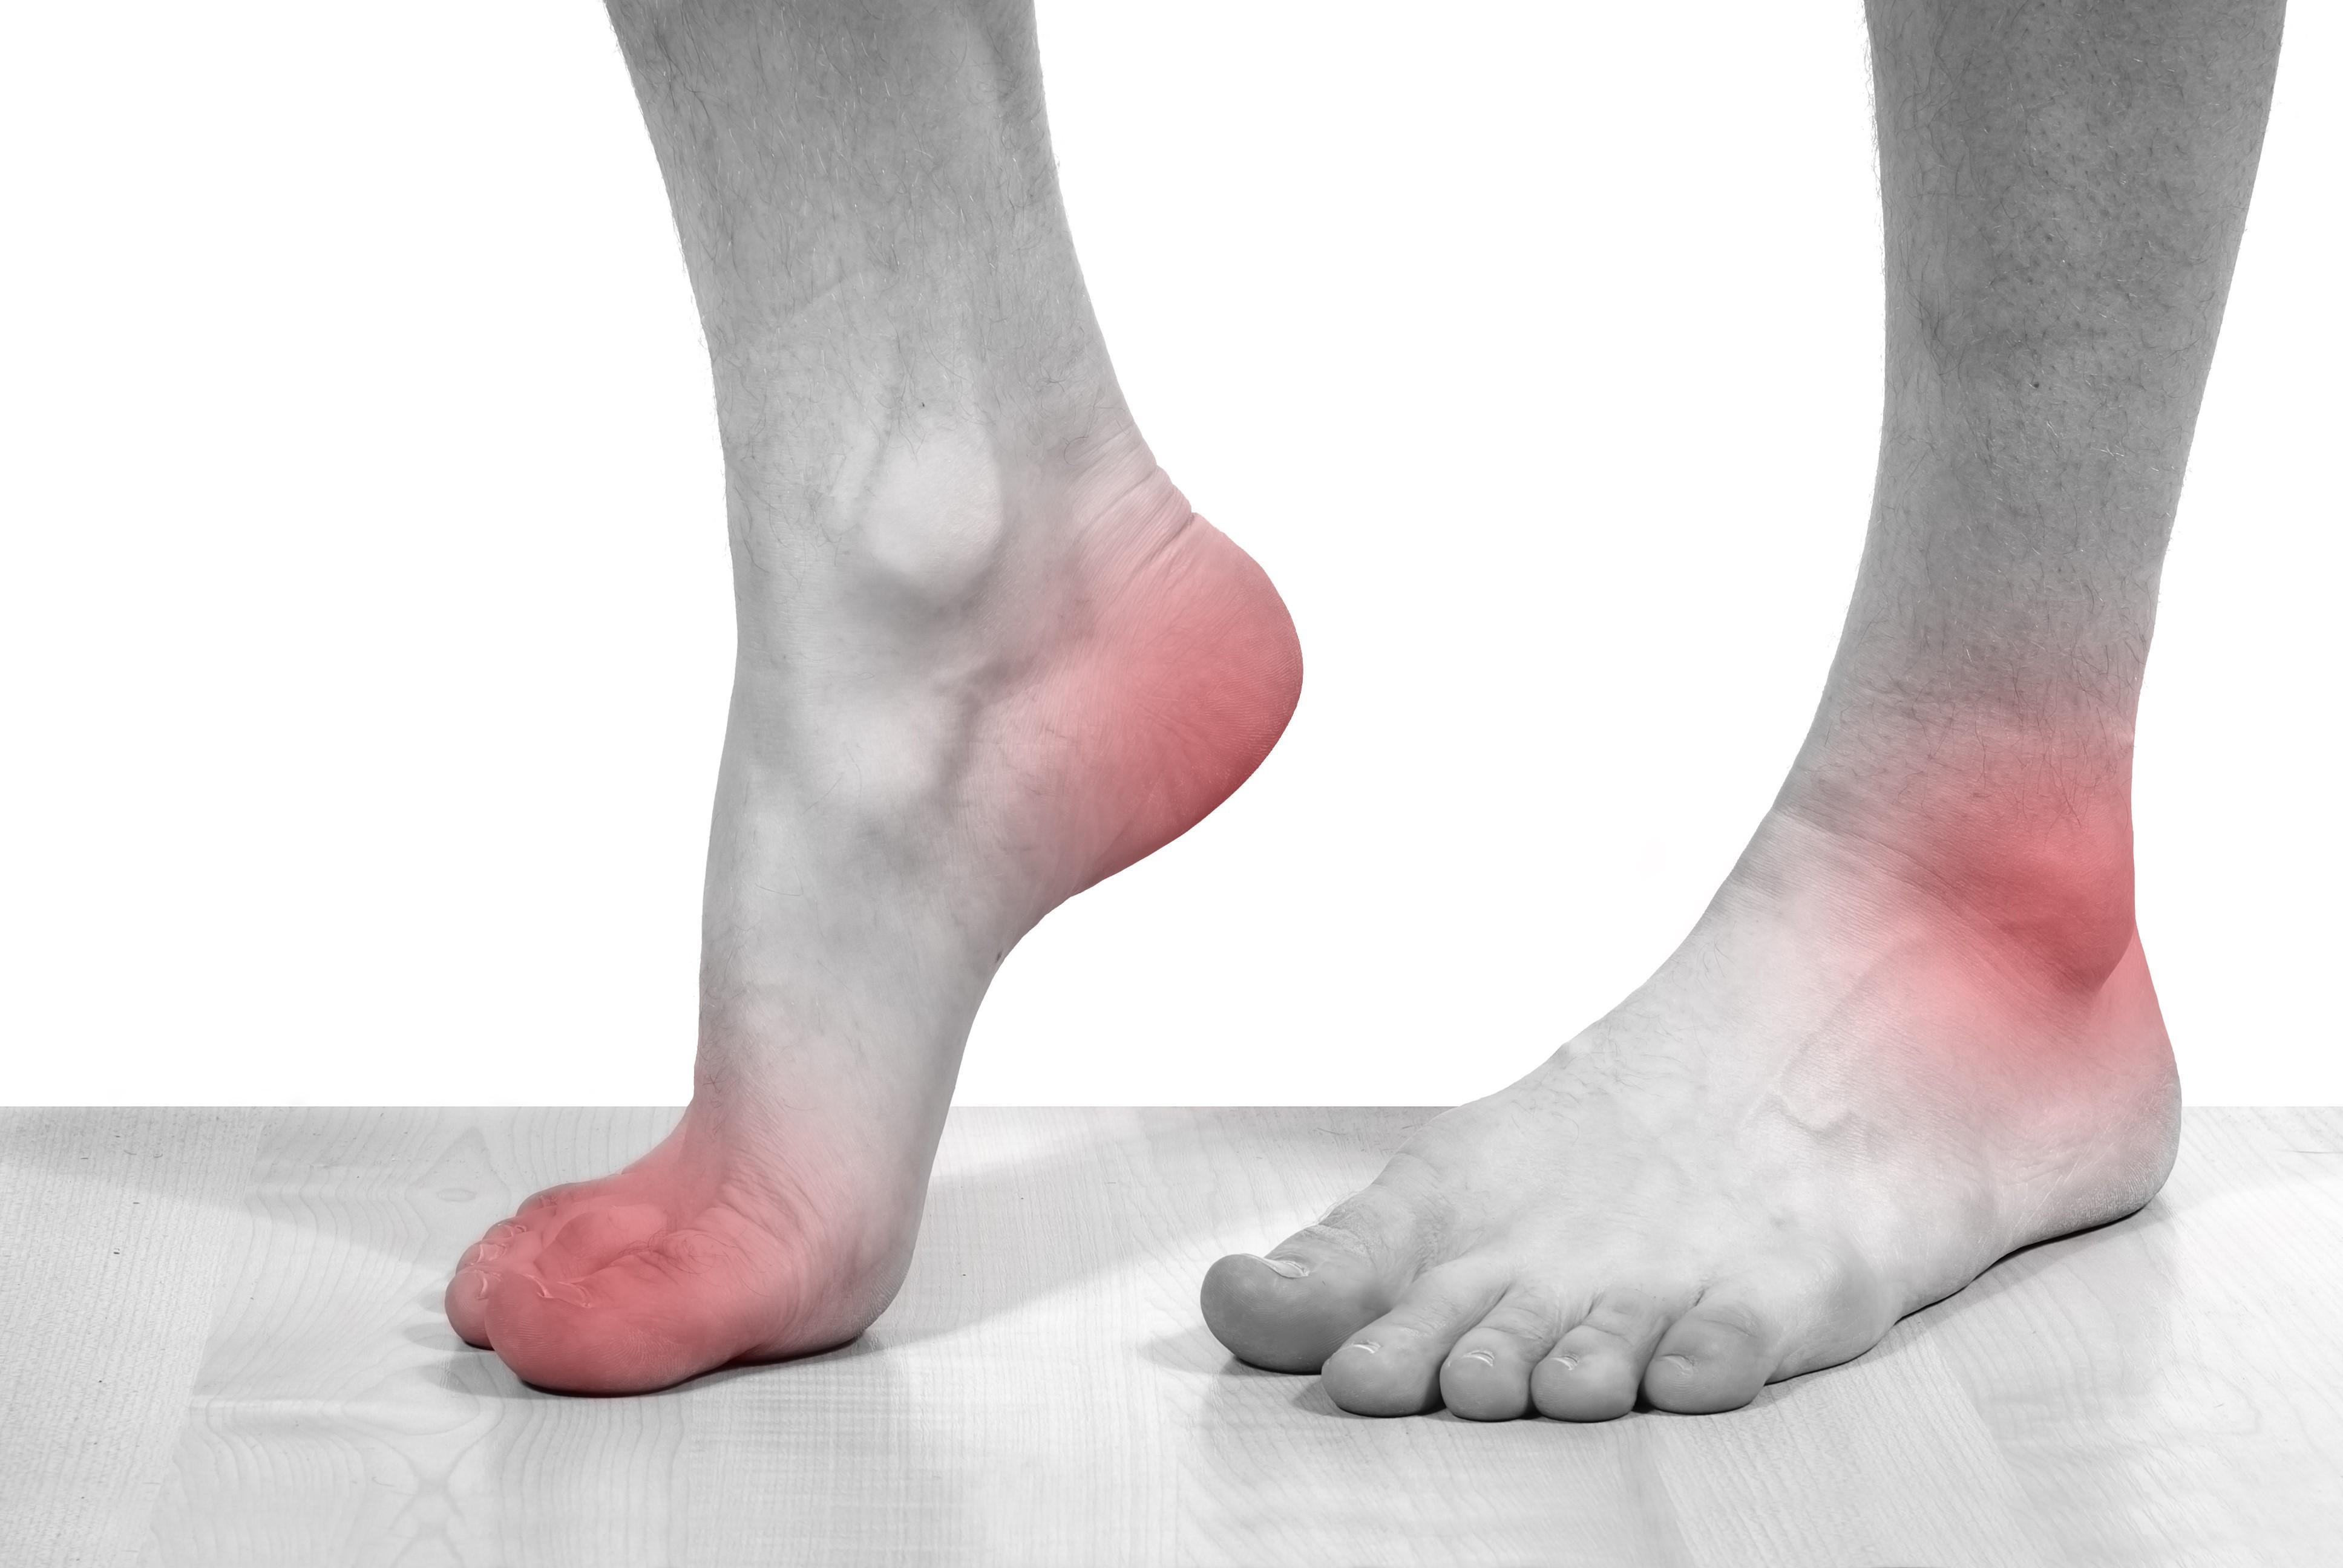 Подагра - лечение болезни. Симптомы и профилактика заболевания Подагра